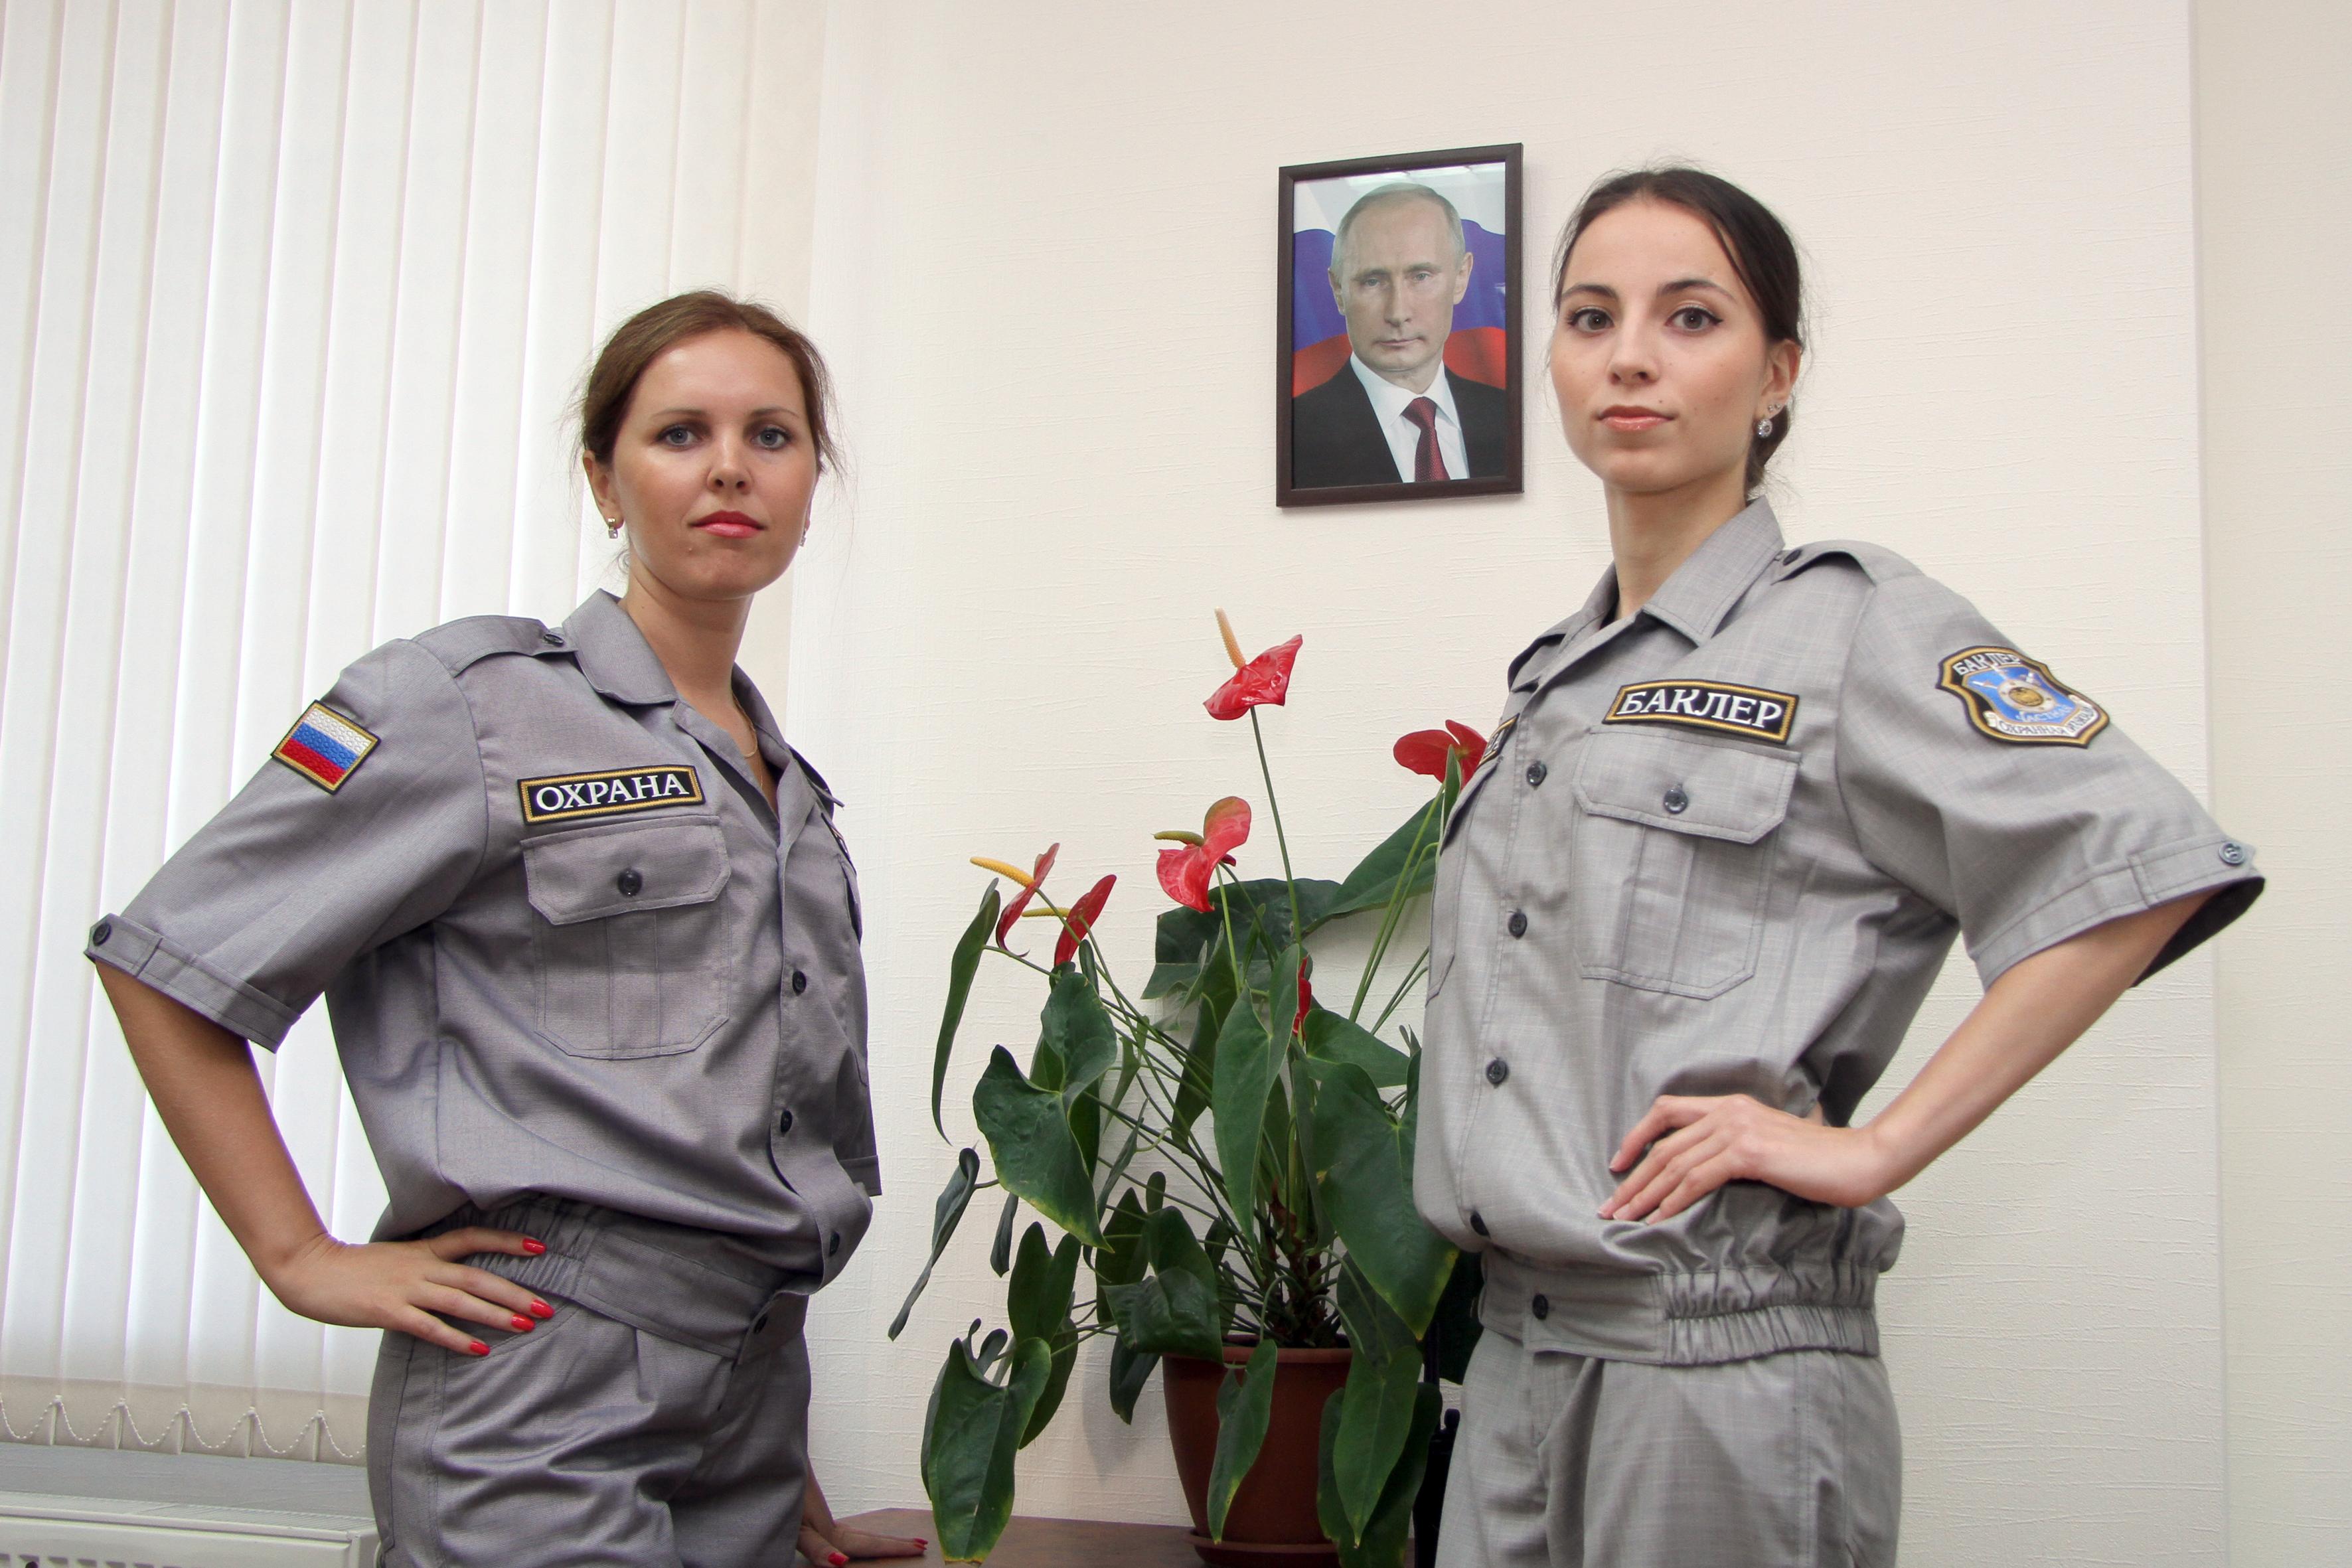 охранные фирмы, которые охраняют казино в г.симферополь, крым